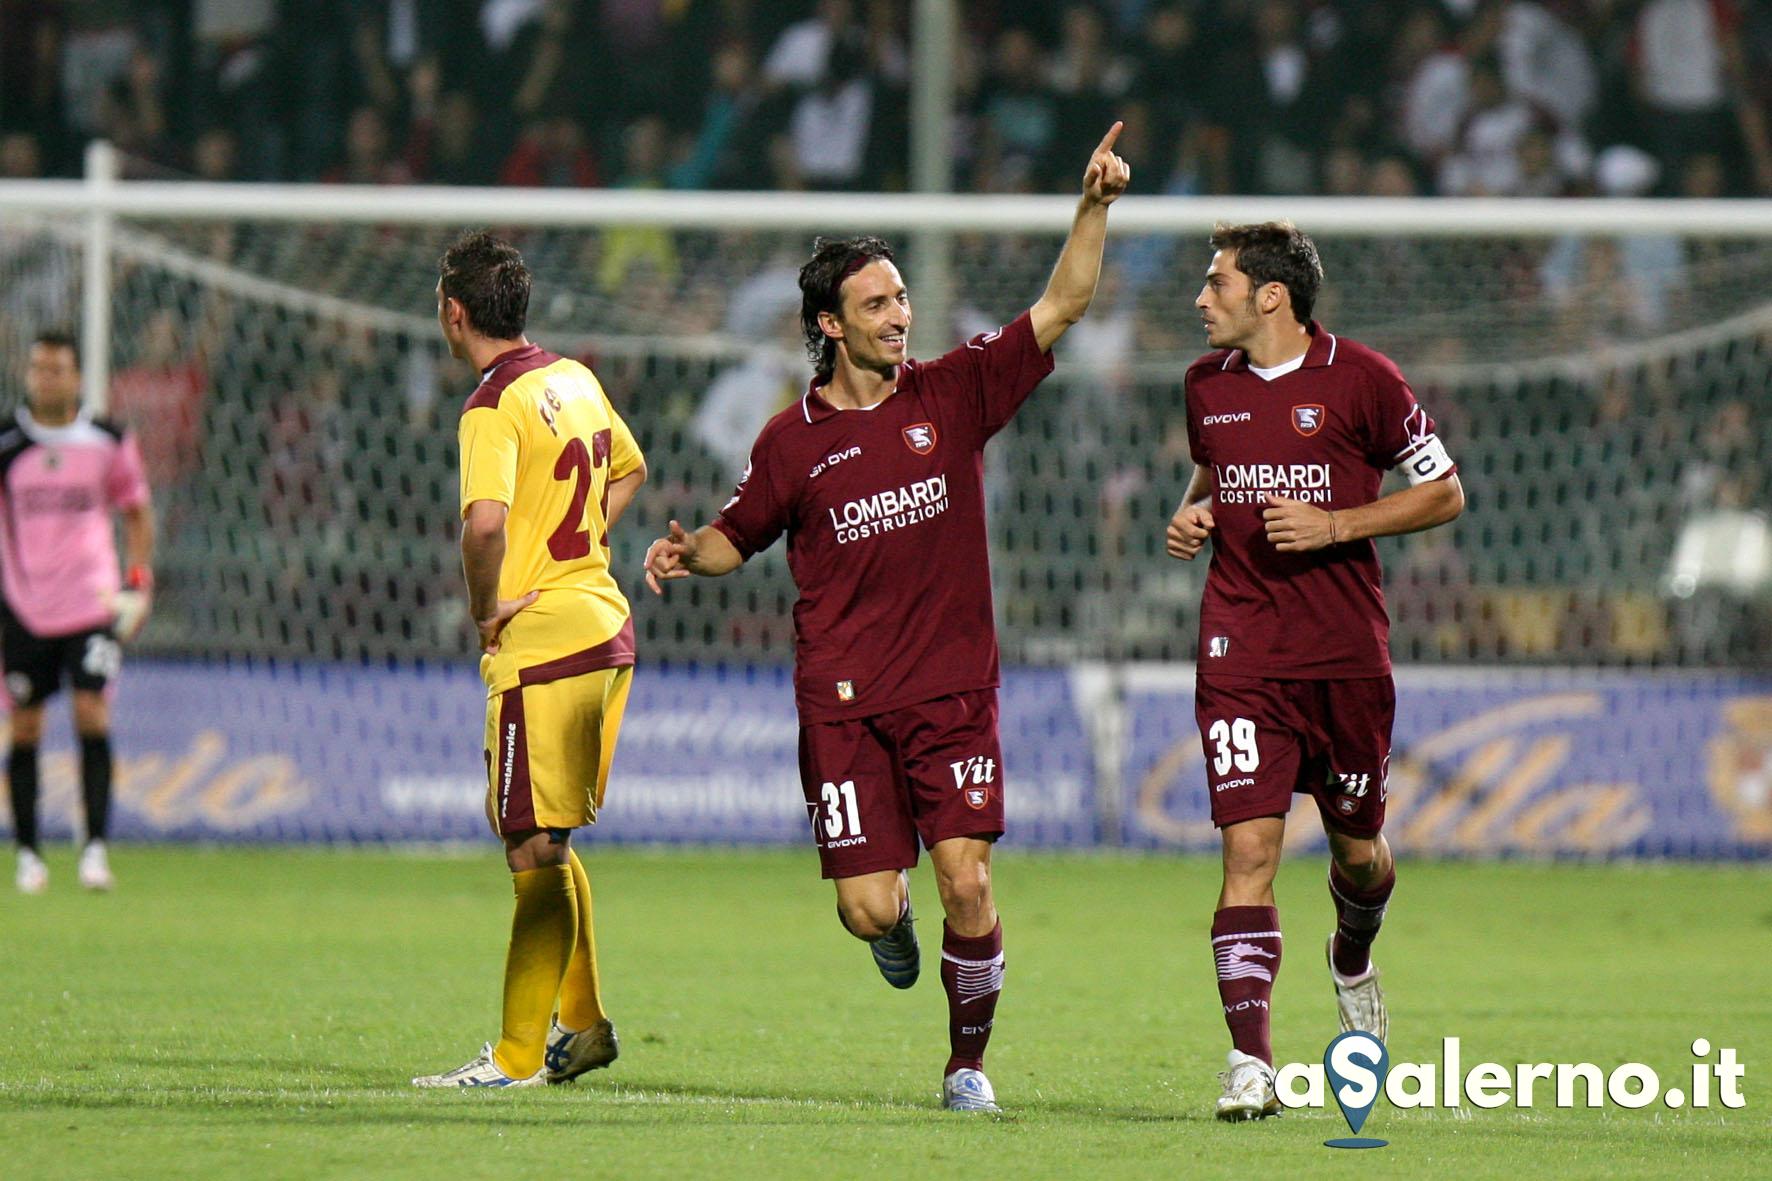 sal : salernitana - cittadella campionato serie B 2009-10 Nella foto esultanza fava dopo il gol del 1-0 Foto Tanopress